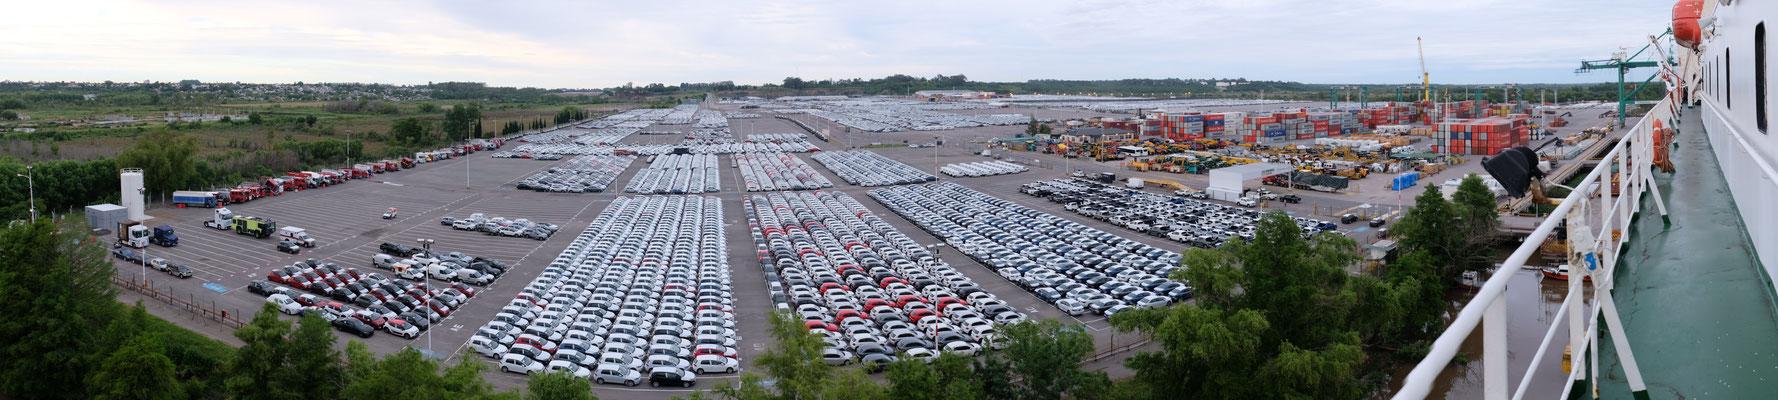 Es müssen Tausende und Abertausende Neufahrzeuge sein, die von hier exportiert werden